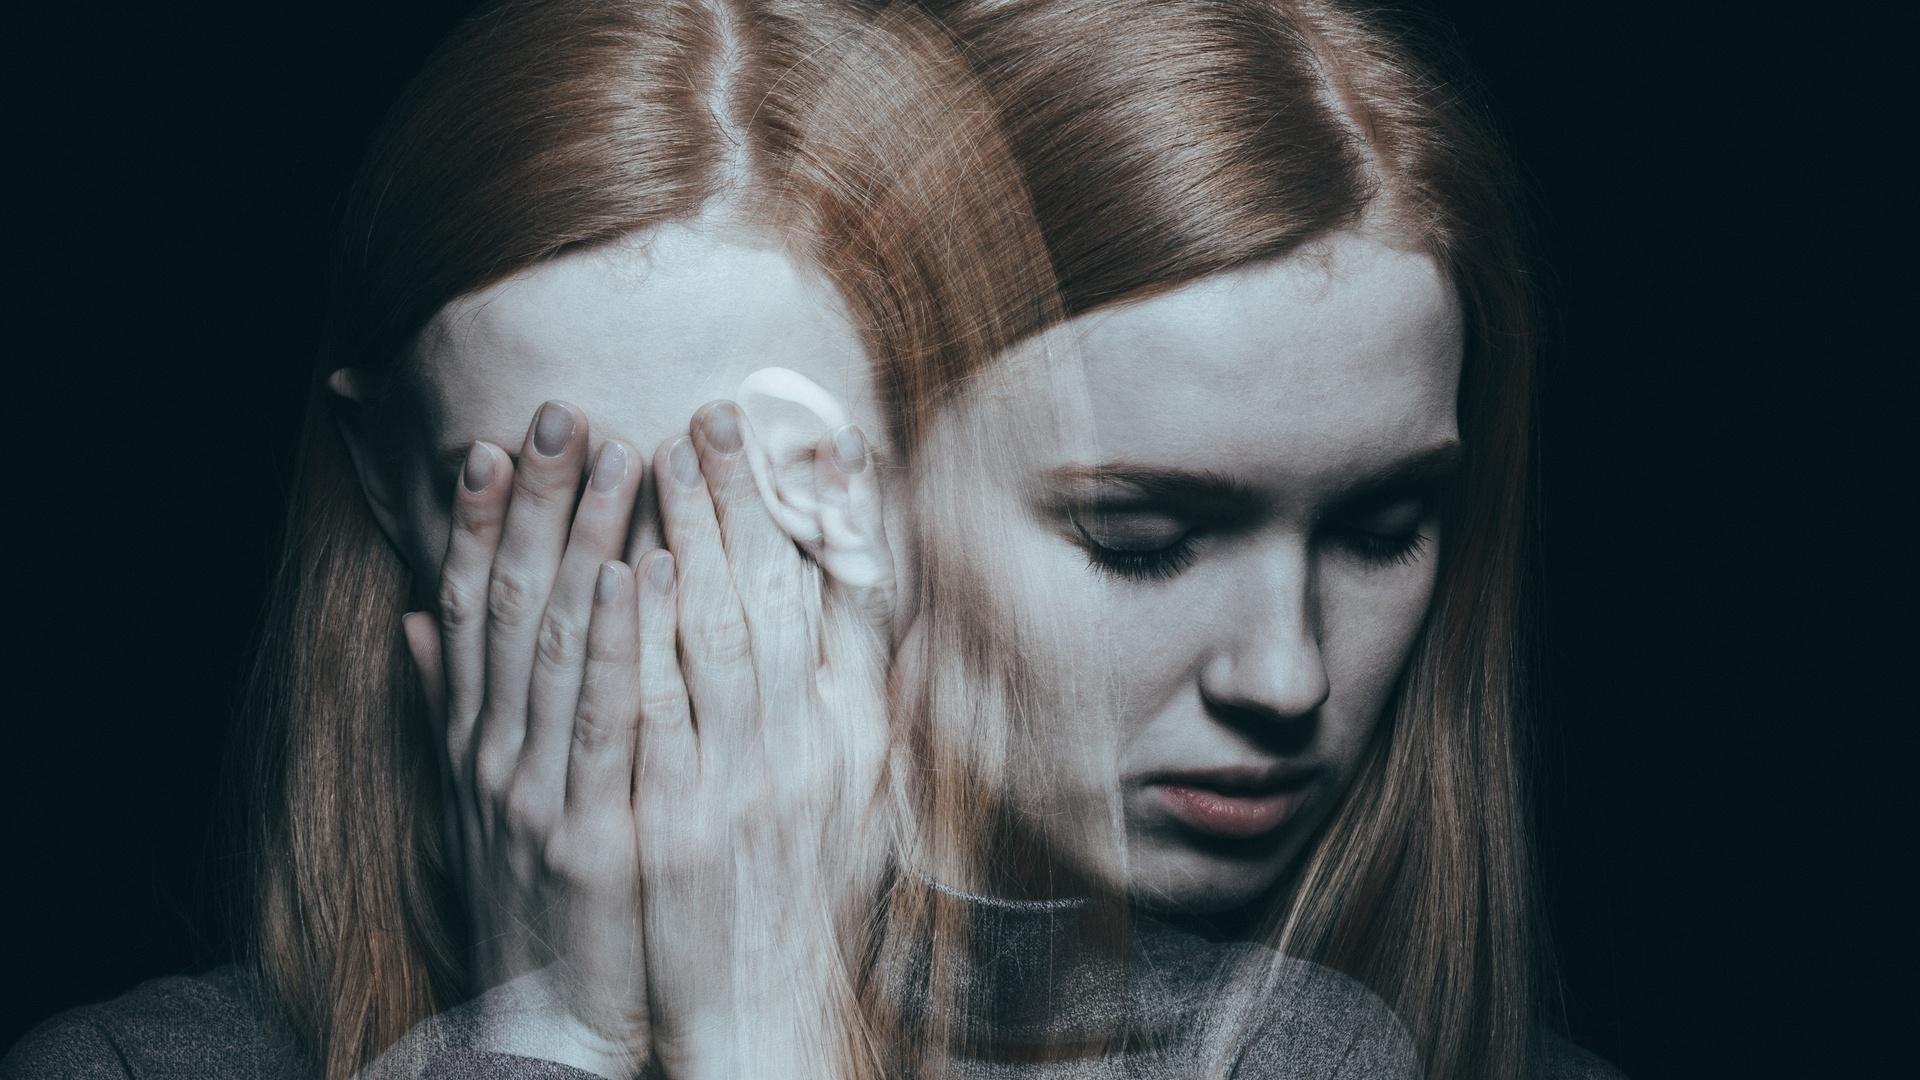 """El Juzgado """"devuelve"""" la pensión de incapacidad a una mujer que padece trastorno bipolar"""